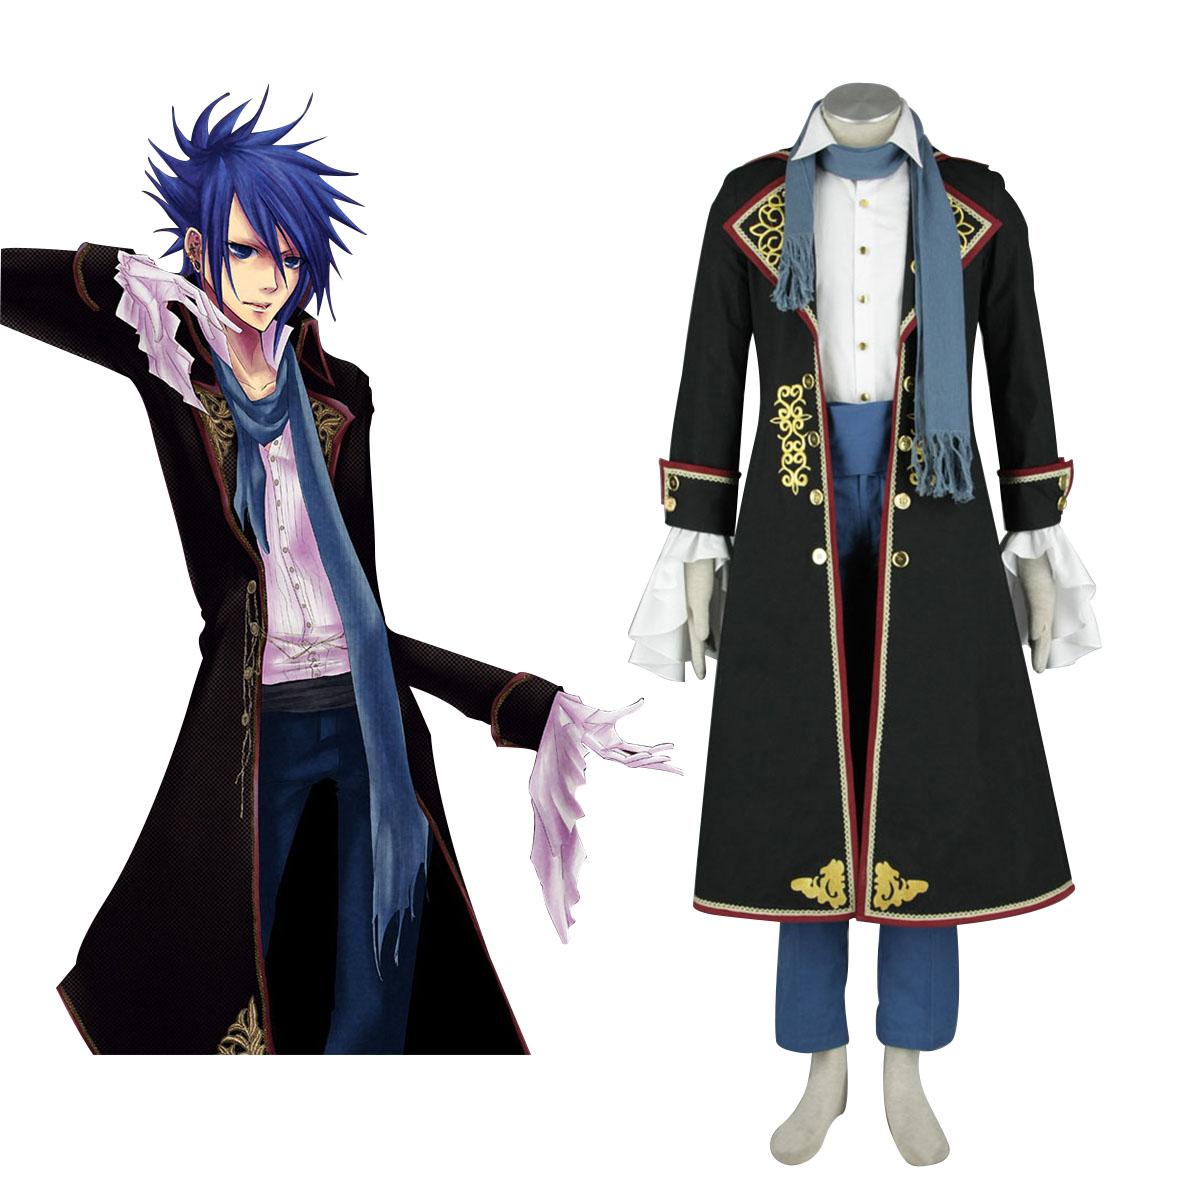 Fantasias Vocaloid Kaito 2 Trajes Cosplay